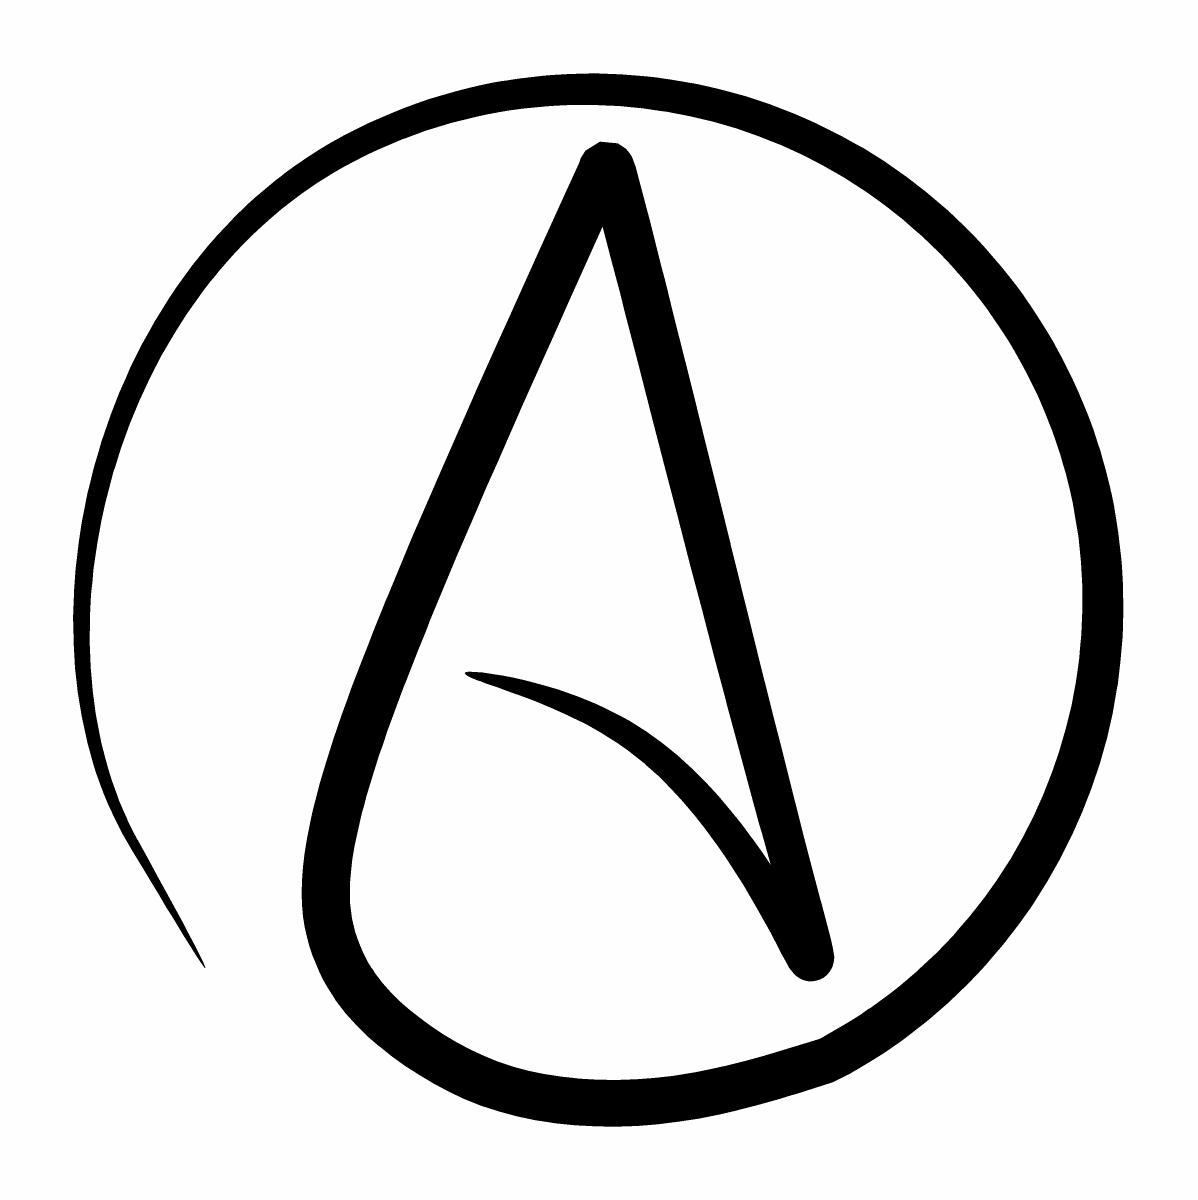 Atheist ii jueves filosofico atheist ii buycottarizona Images